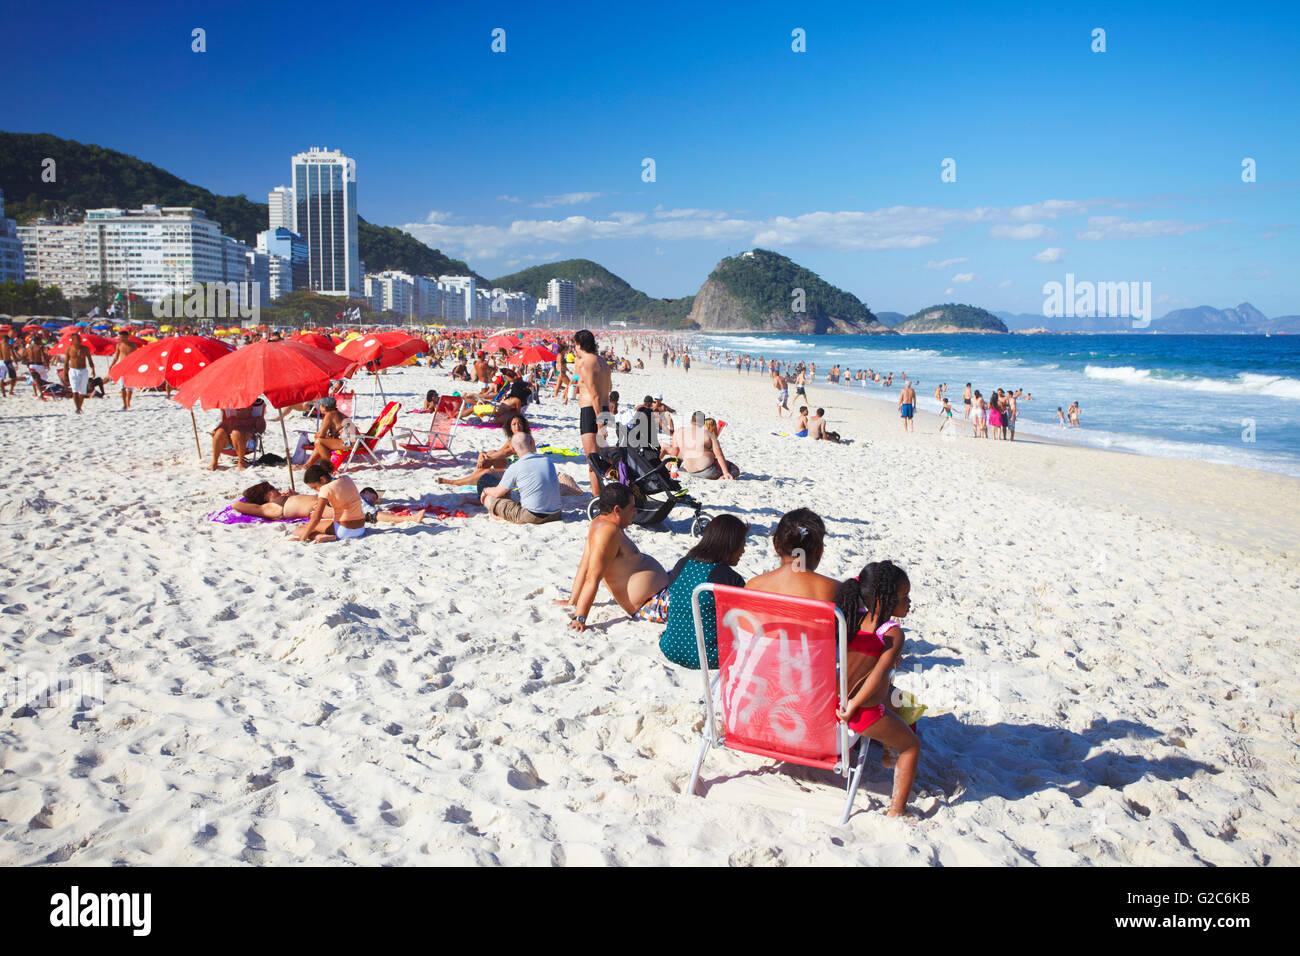 Copacabana beach, Rio de Janeiro, Brazil - Stock Image